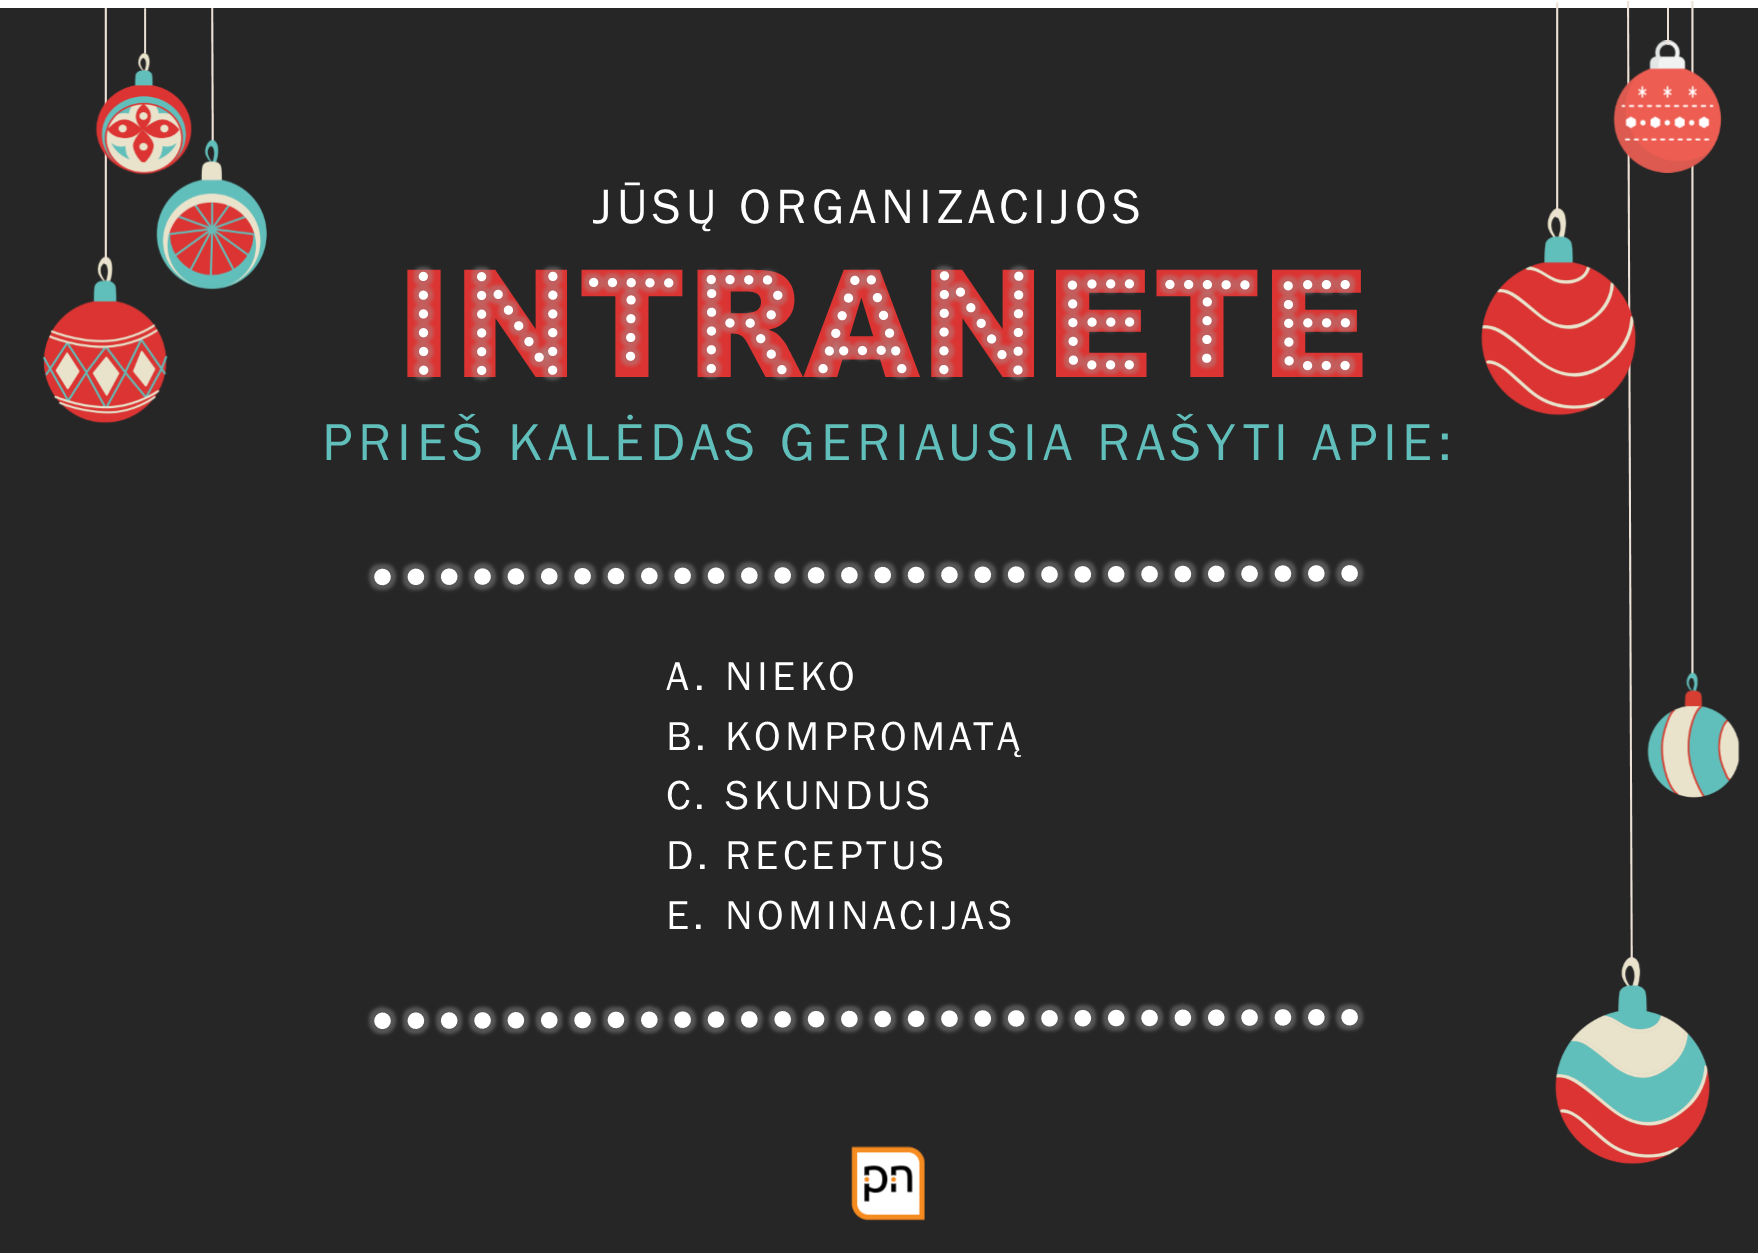 kaledinis_intranetas_1.png